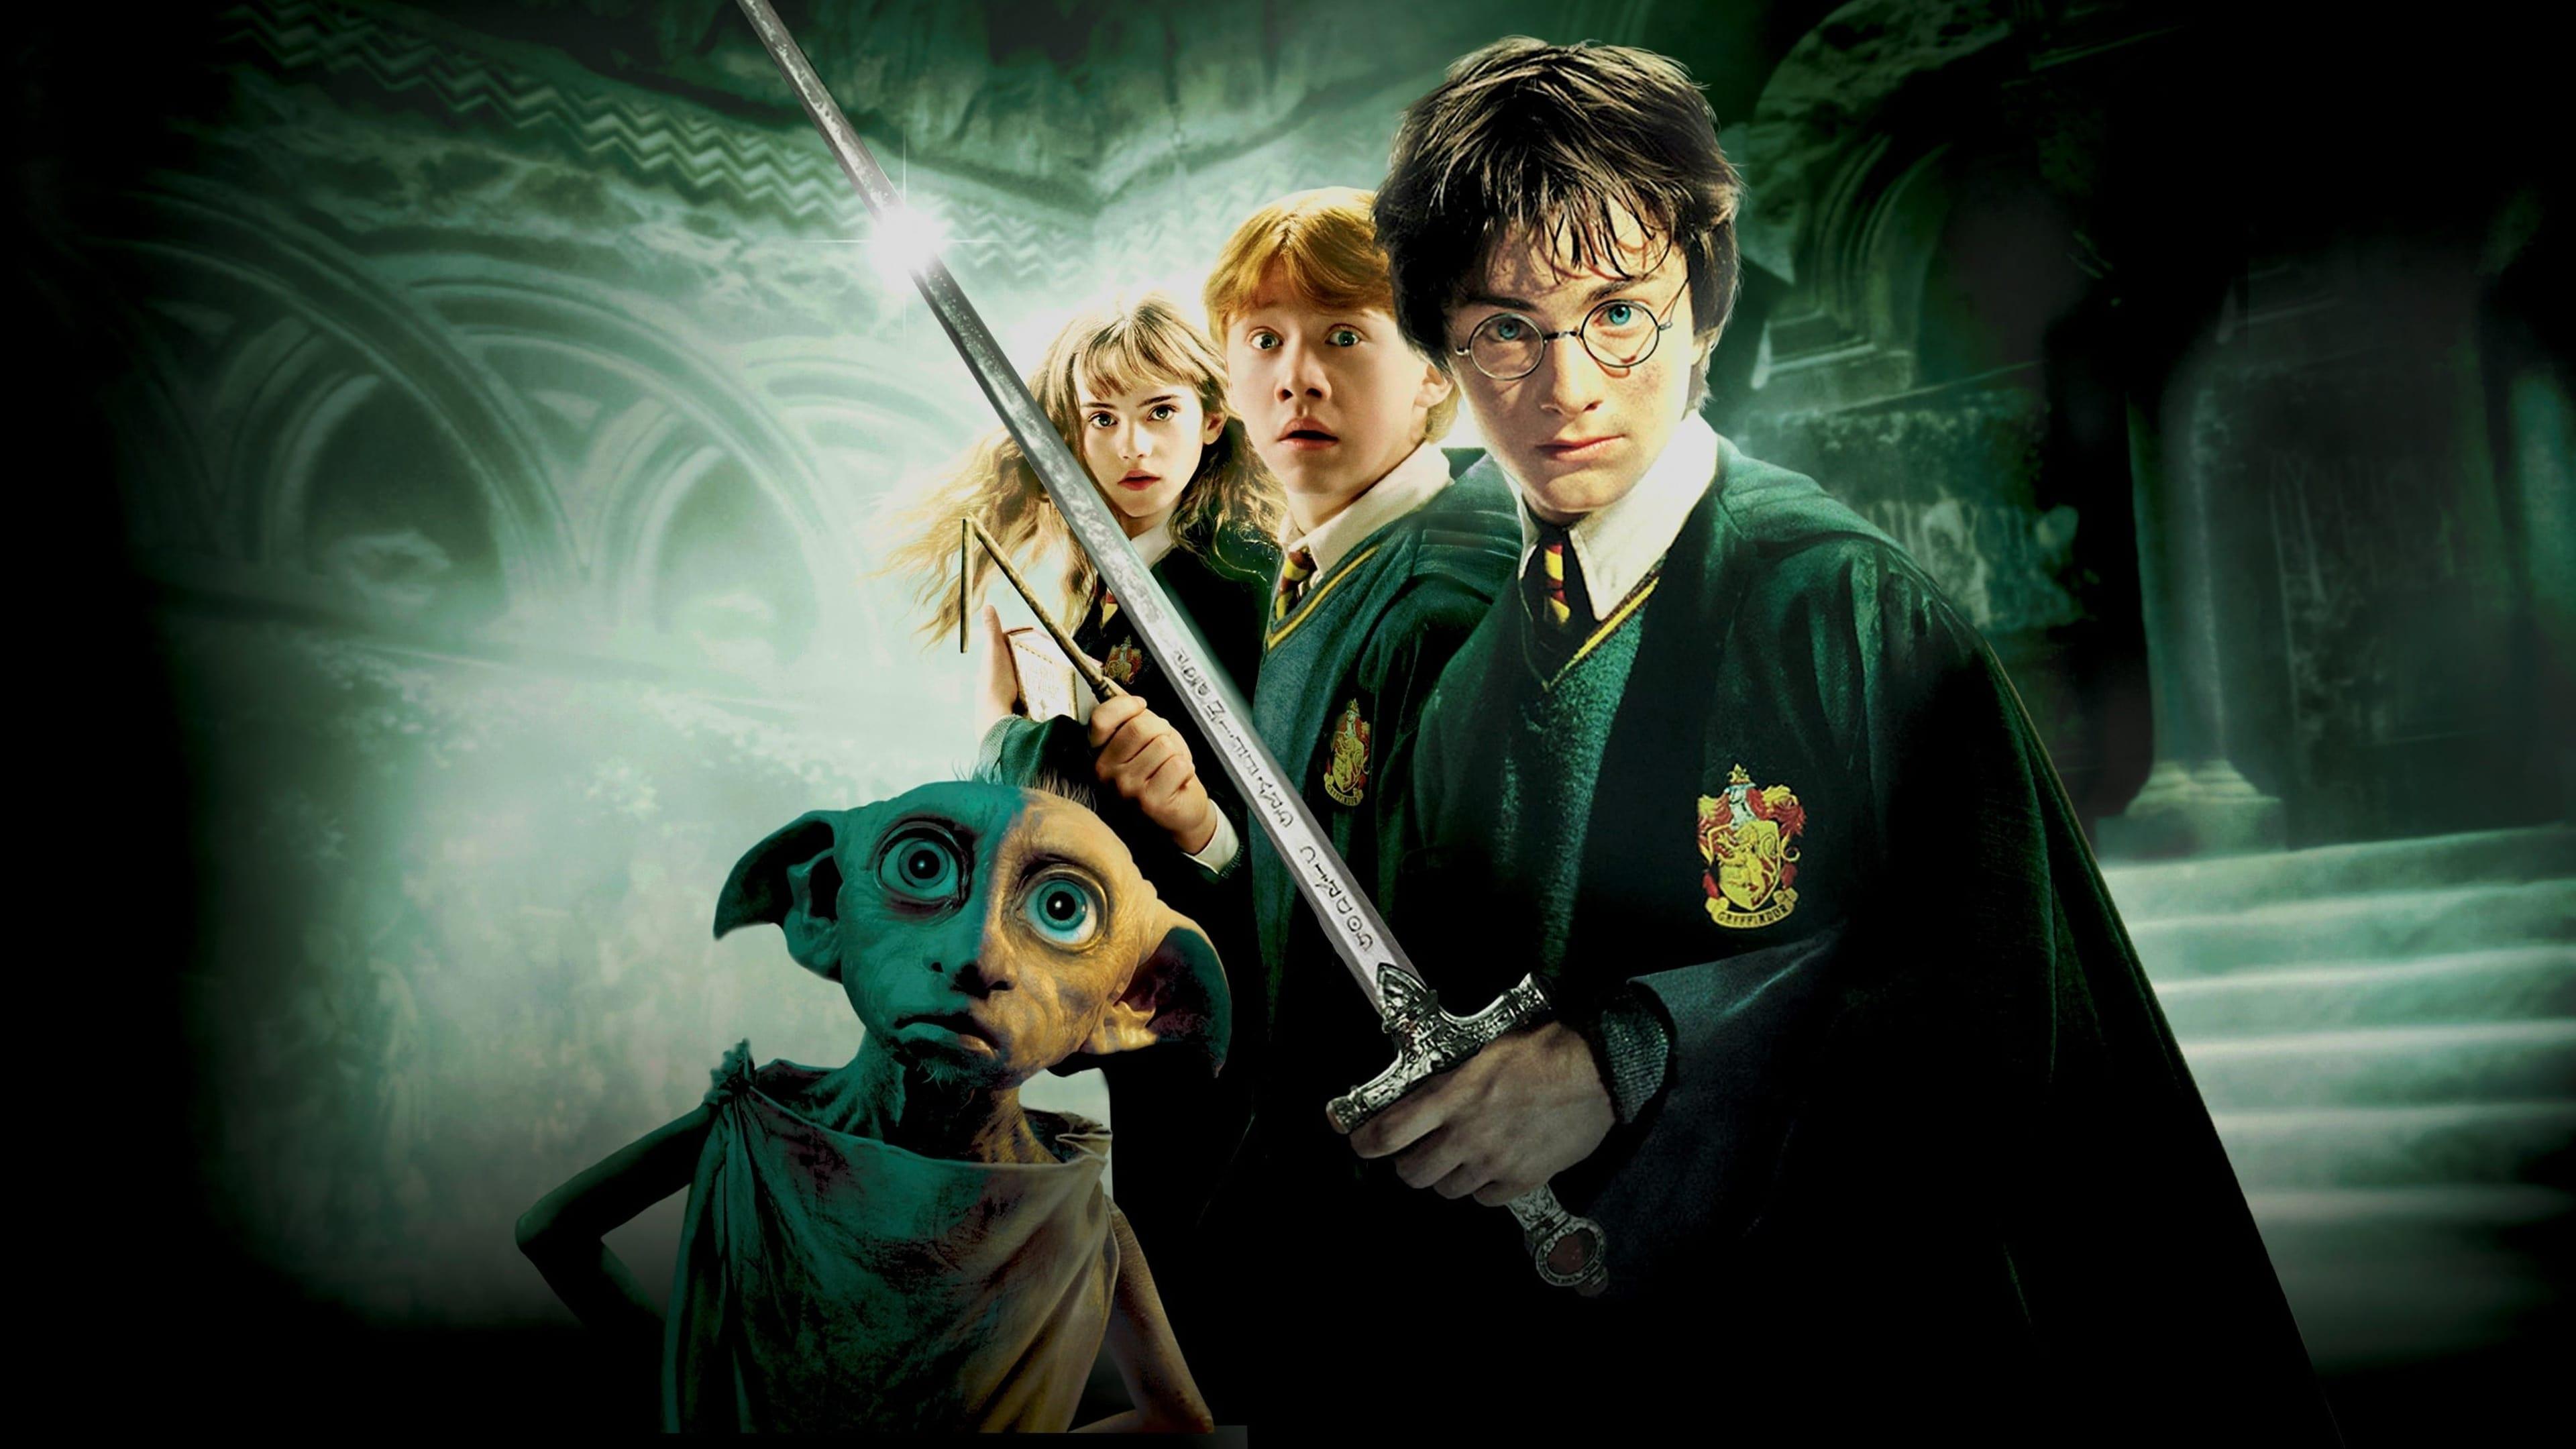 Harry Potter ja salaisuuksien kammio (2002)